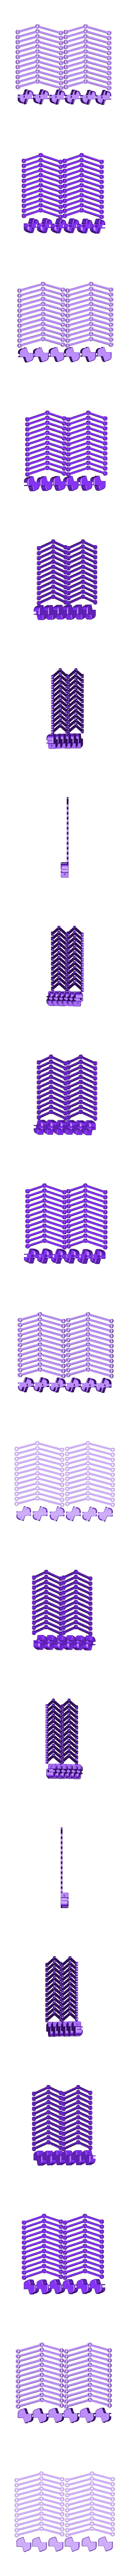 Segment_Hx24.stl Télécharger fichier STL gratuit Sphère hobermanique ( Cuboctaèdre ) • Design pour imprimante 3D, SiberK